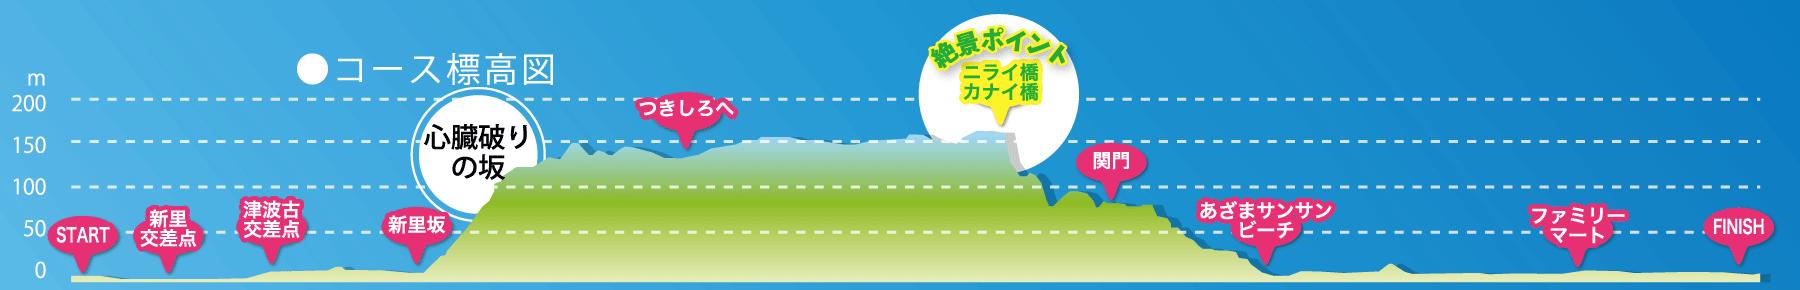 尚巴志ハーフマラソン コース高低差